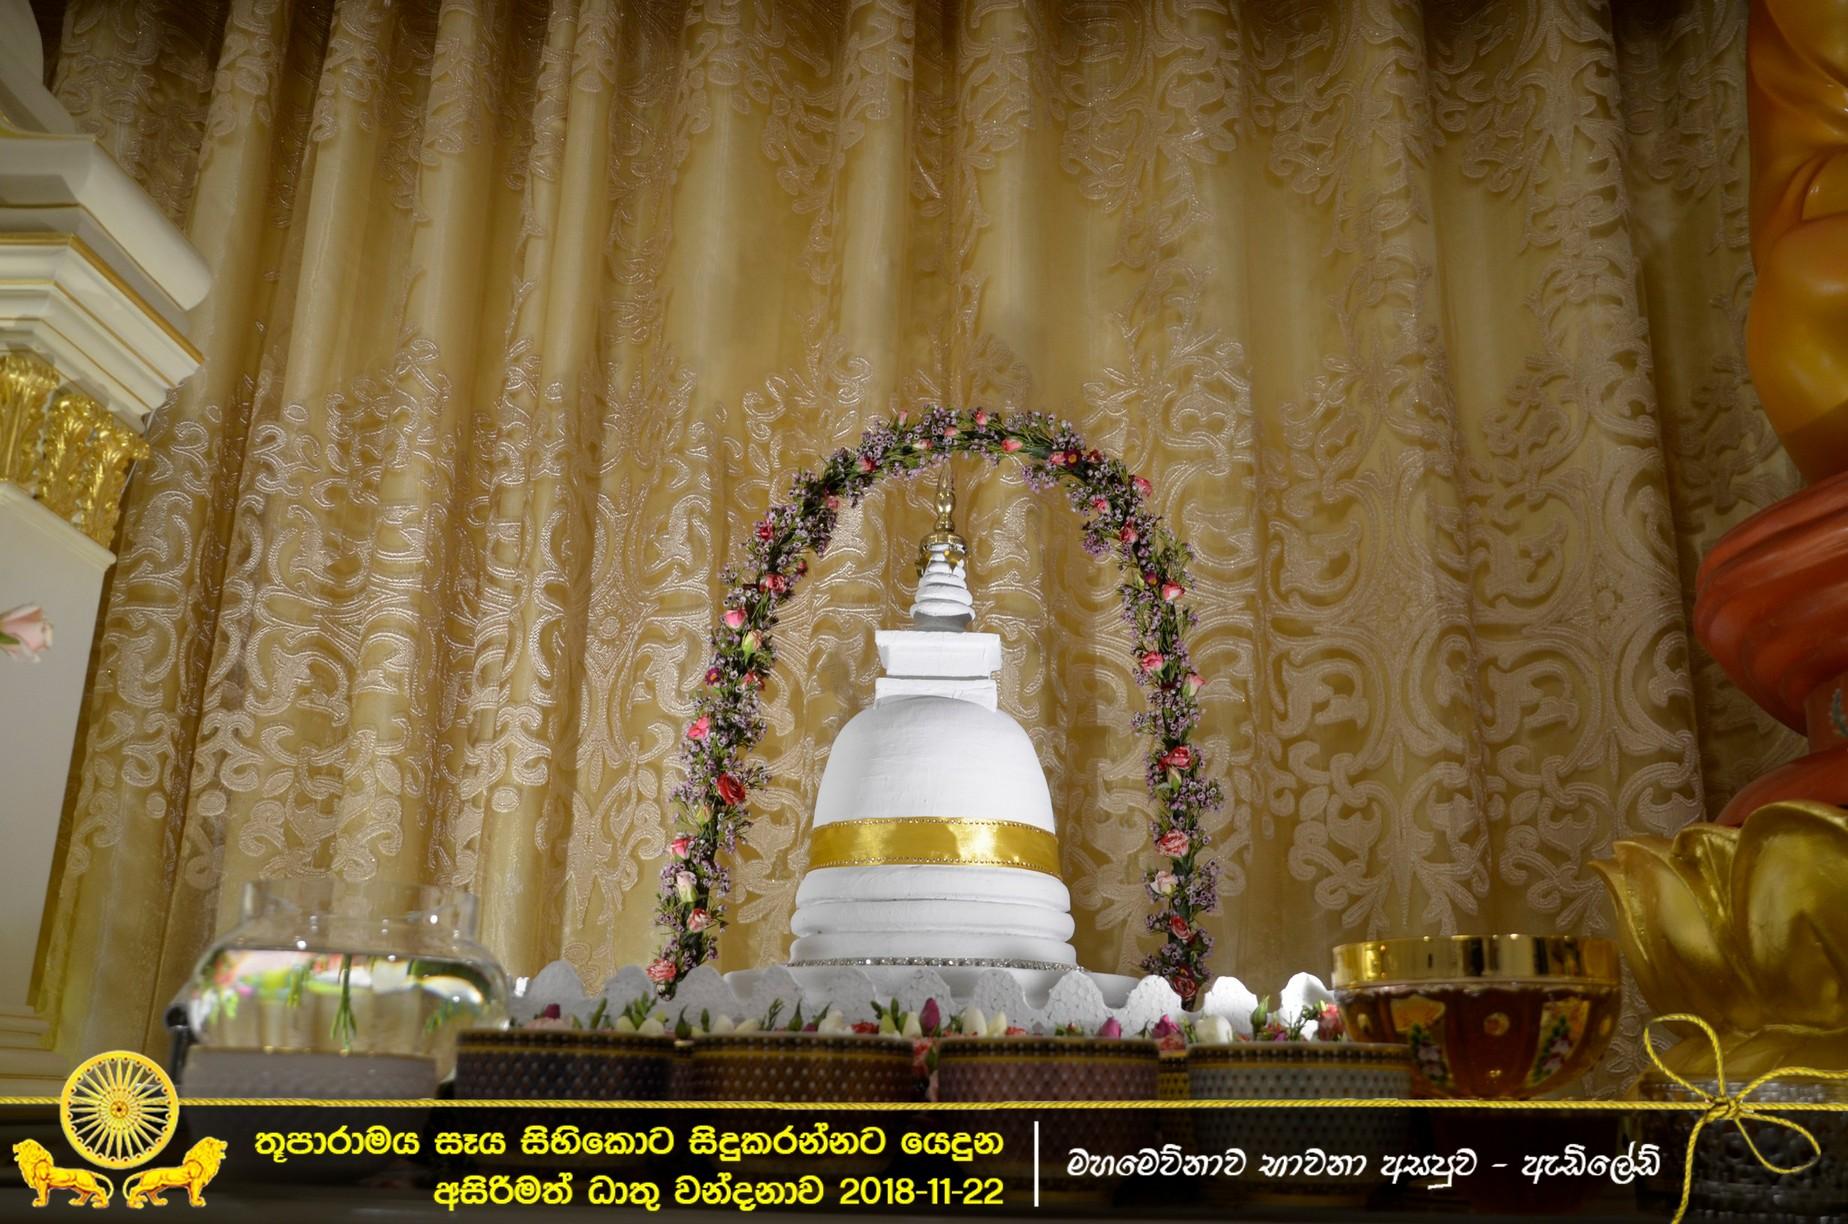 Thuparama055